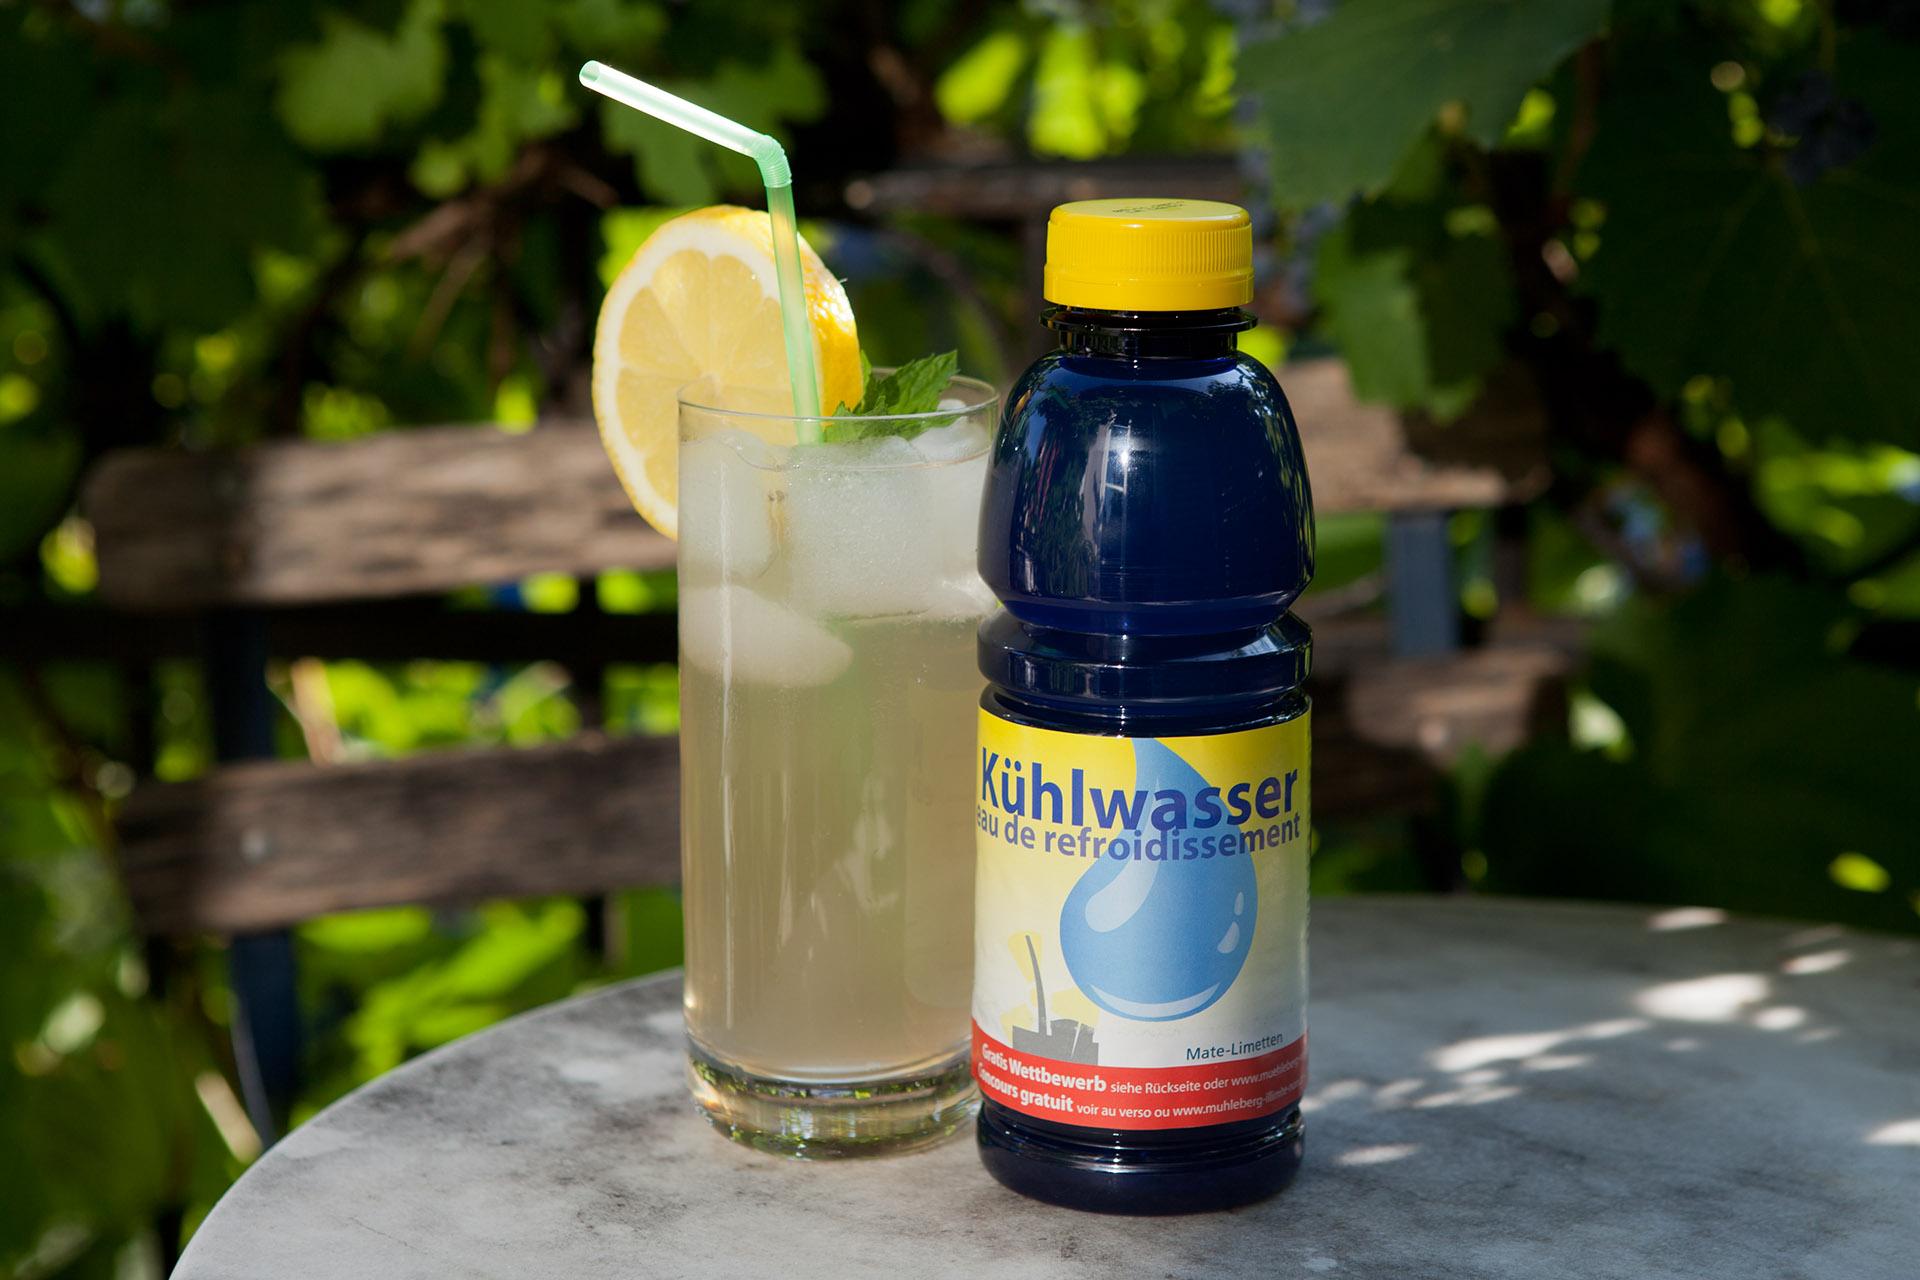 Kühlwasser – Erfrischendes Bio-Getränk für einen guten Zweck